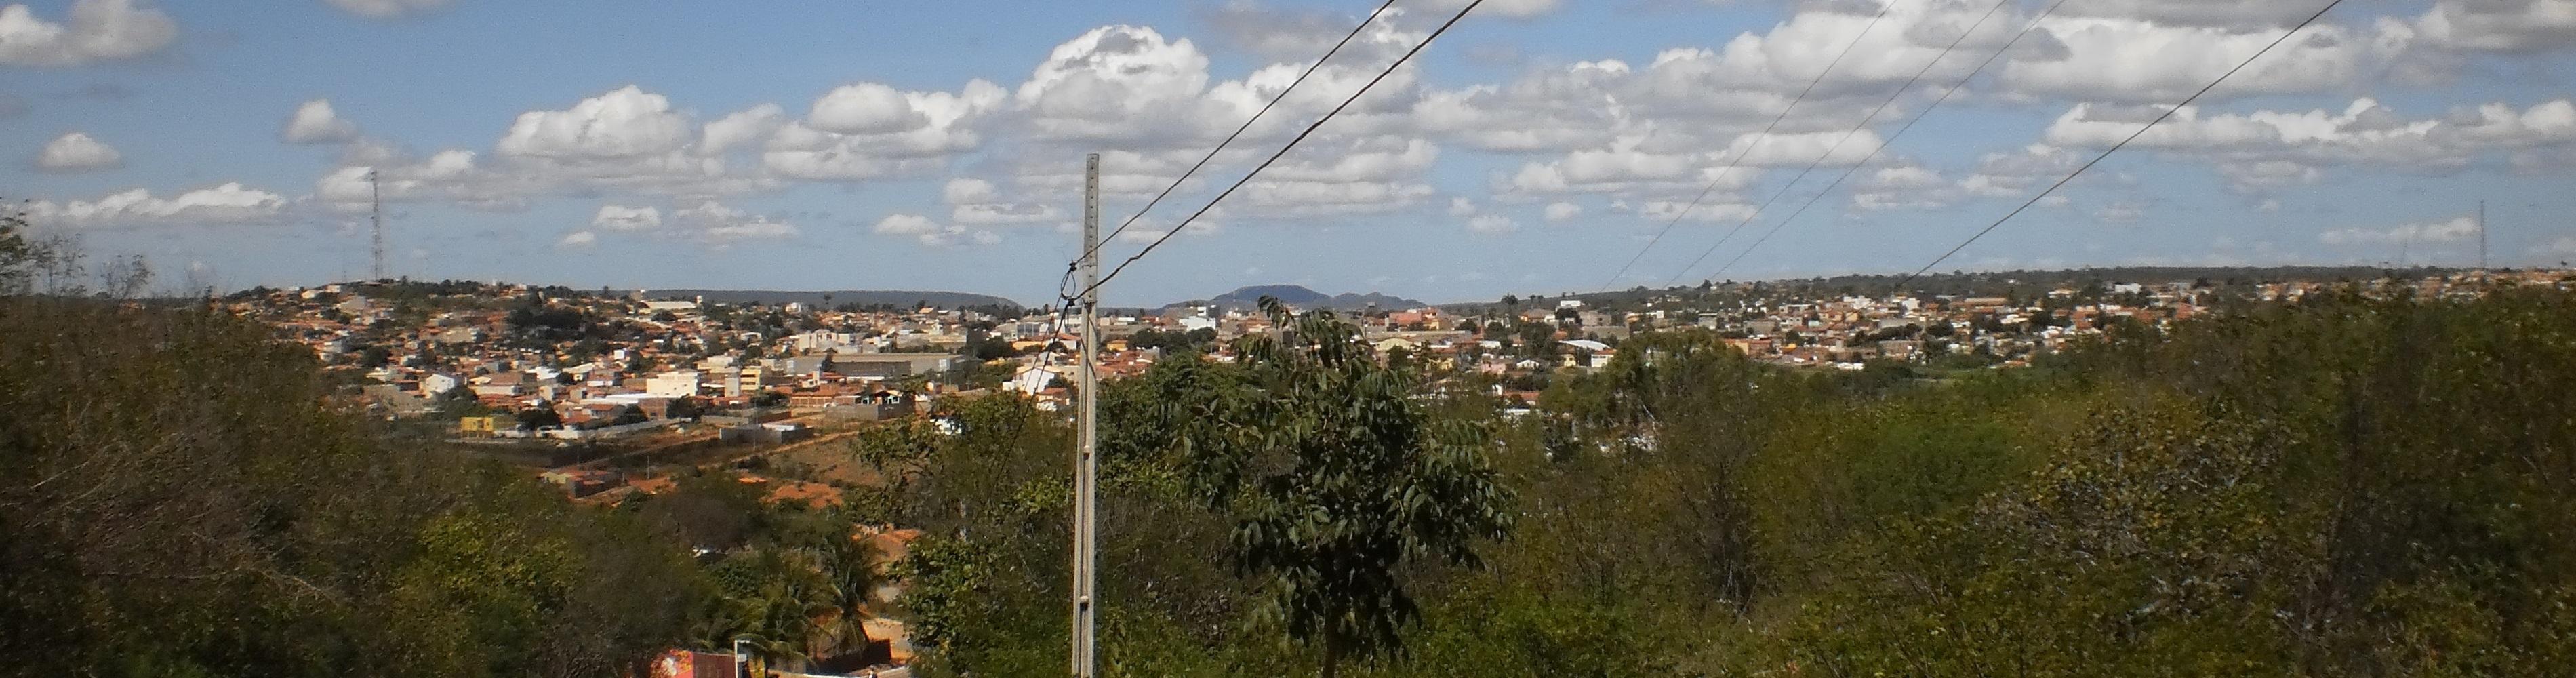 São Miguel Rio Grande do Norte fonte: upload.wikimedia.org